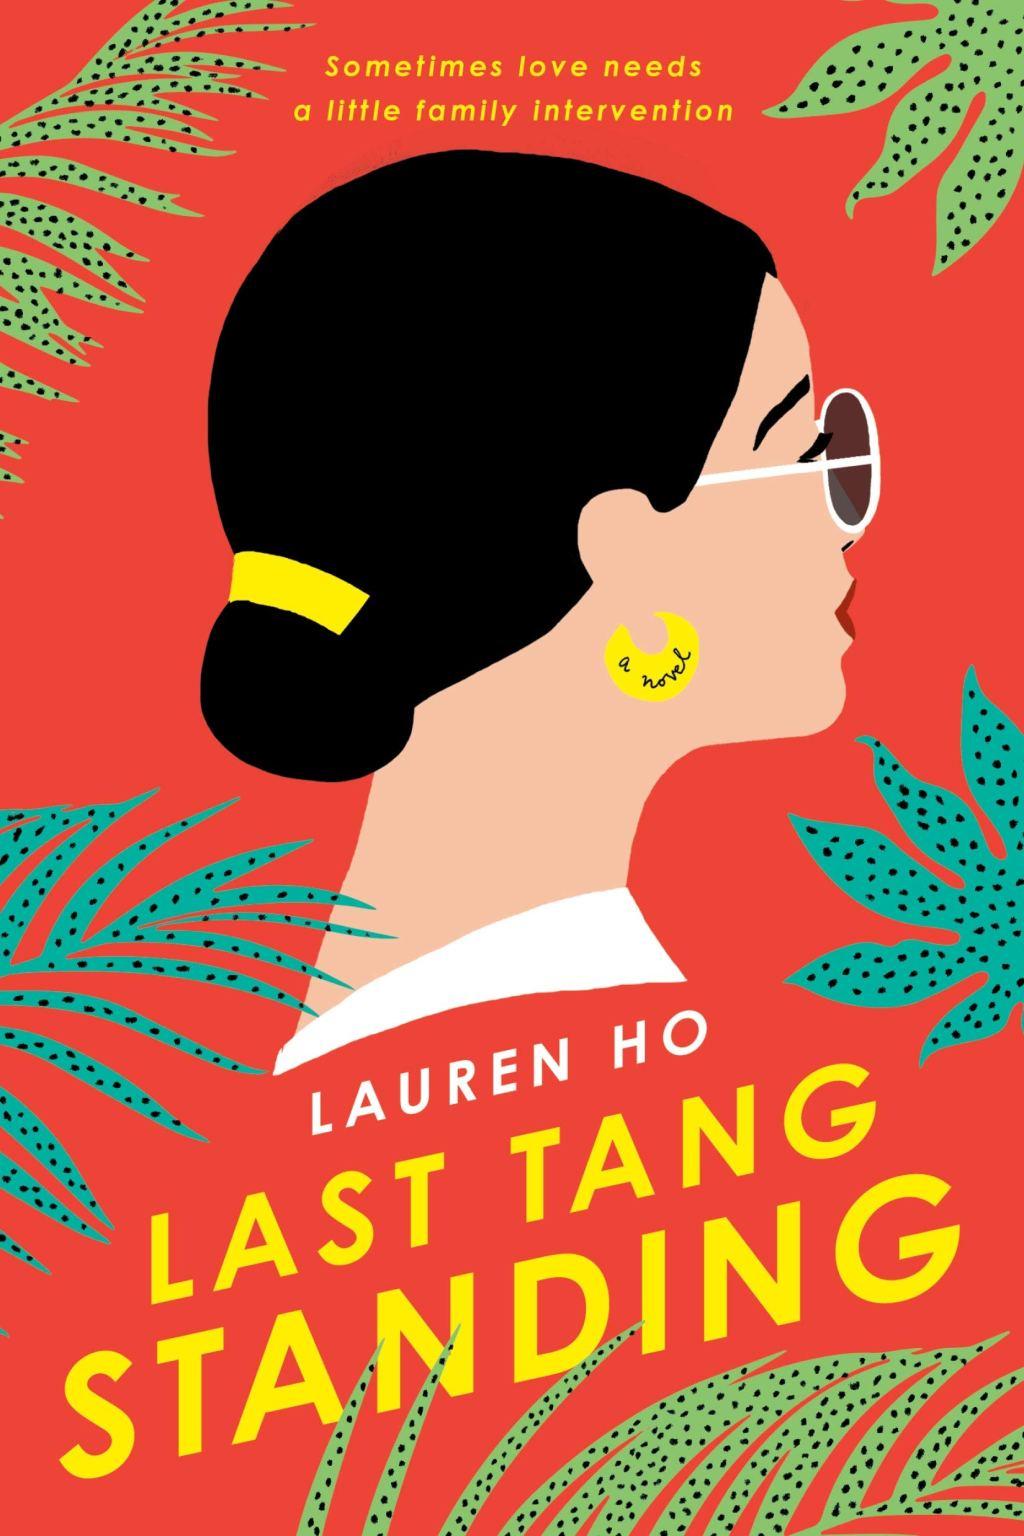 Last Tang Standing, Lauren Ho (GP Putnam, HarperCollins, June 2020)